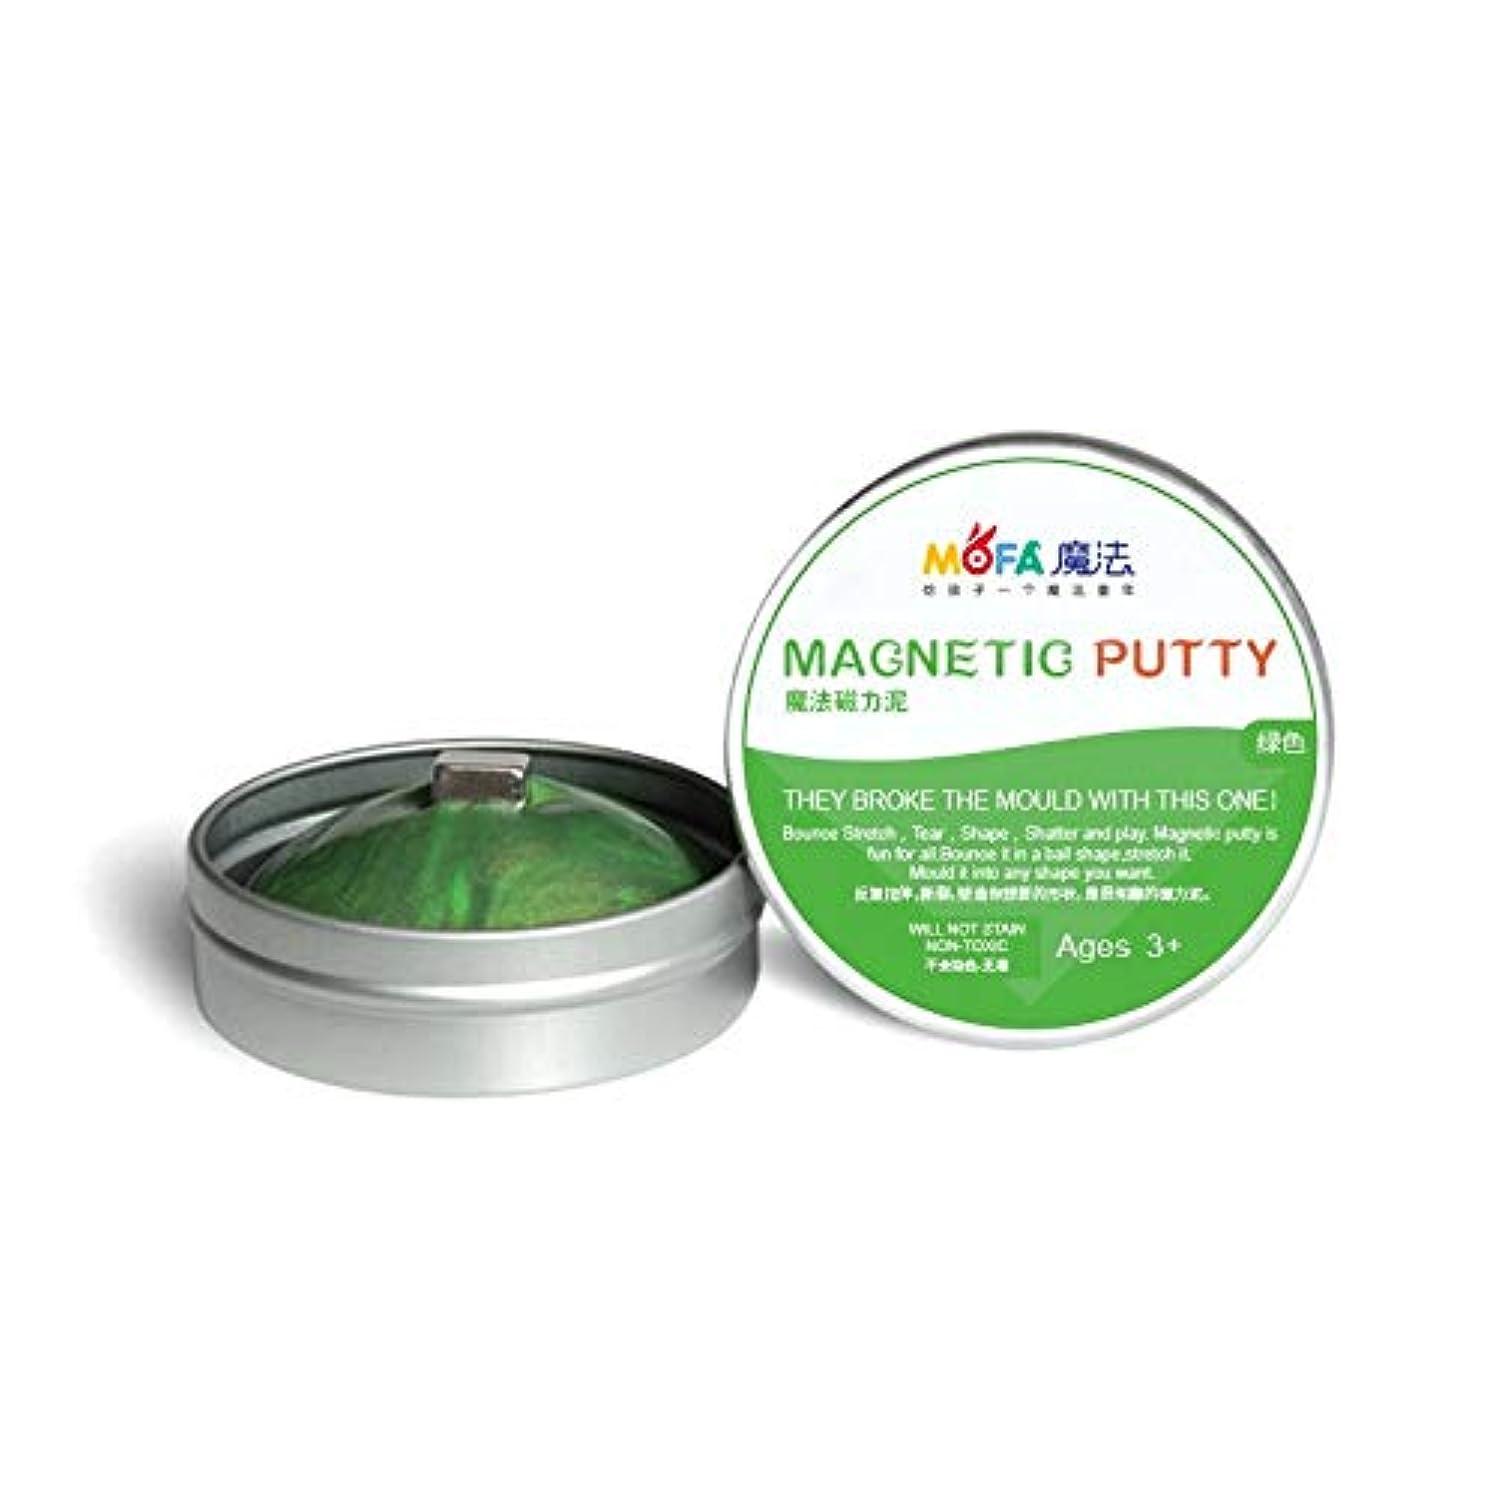 競う余暇ペレットDIY Playdough 粘土磁性流体磁気ゴム泥キッズギフトマグネット粘土おもちゃスライムアクセサリー人気のおもちゃ-10 (銀)